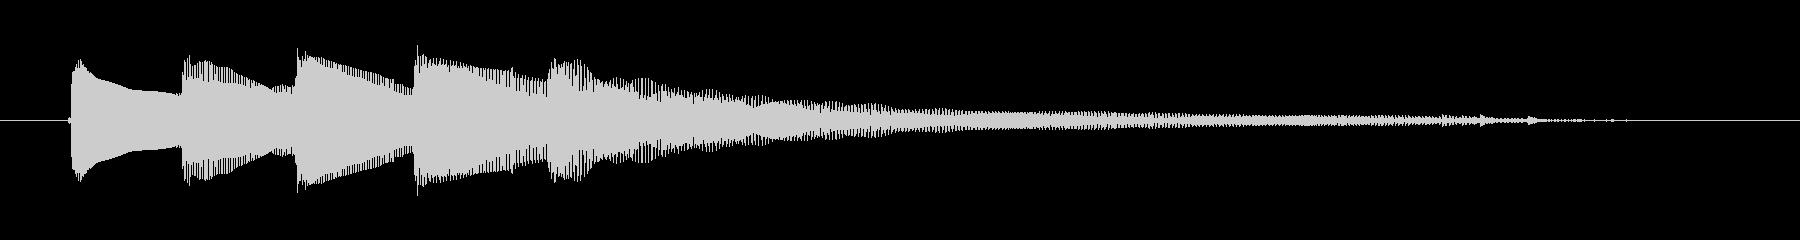 エレキギター風のシンプルなコードの未再生の波形